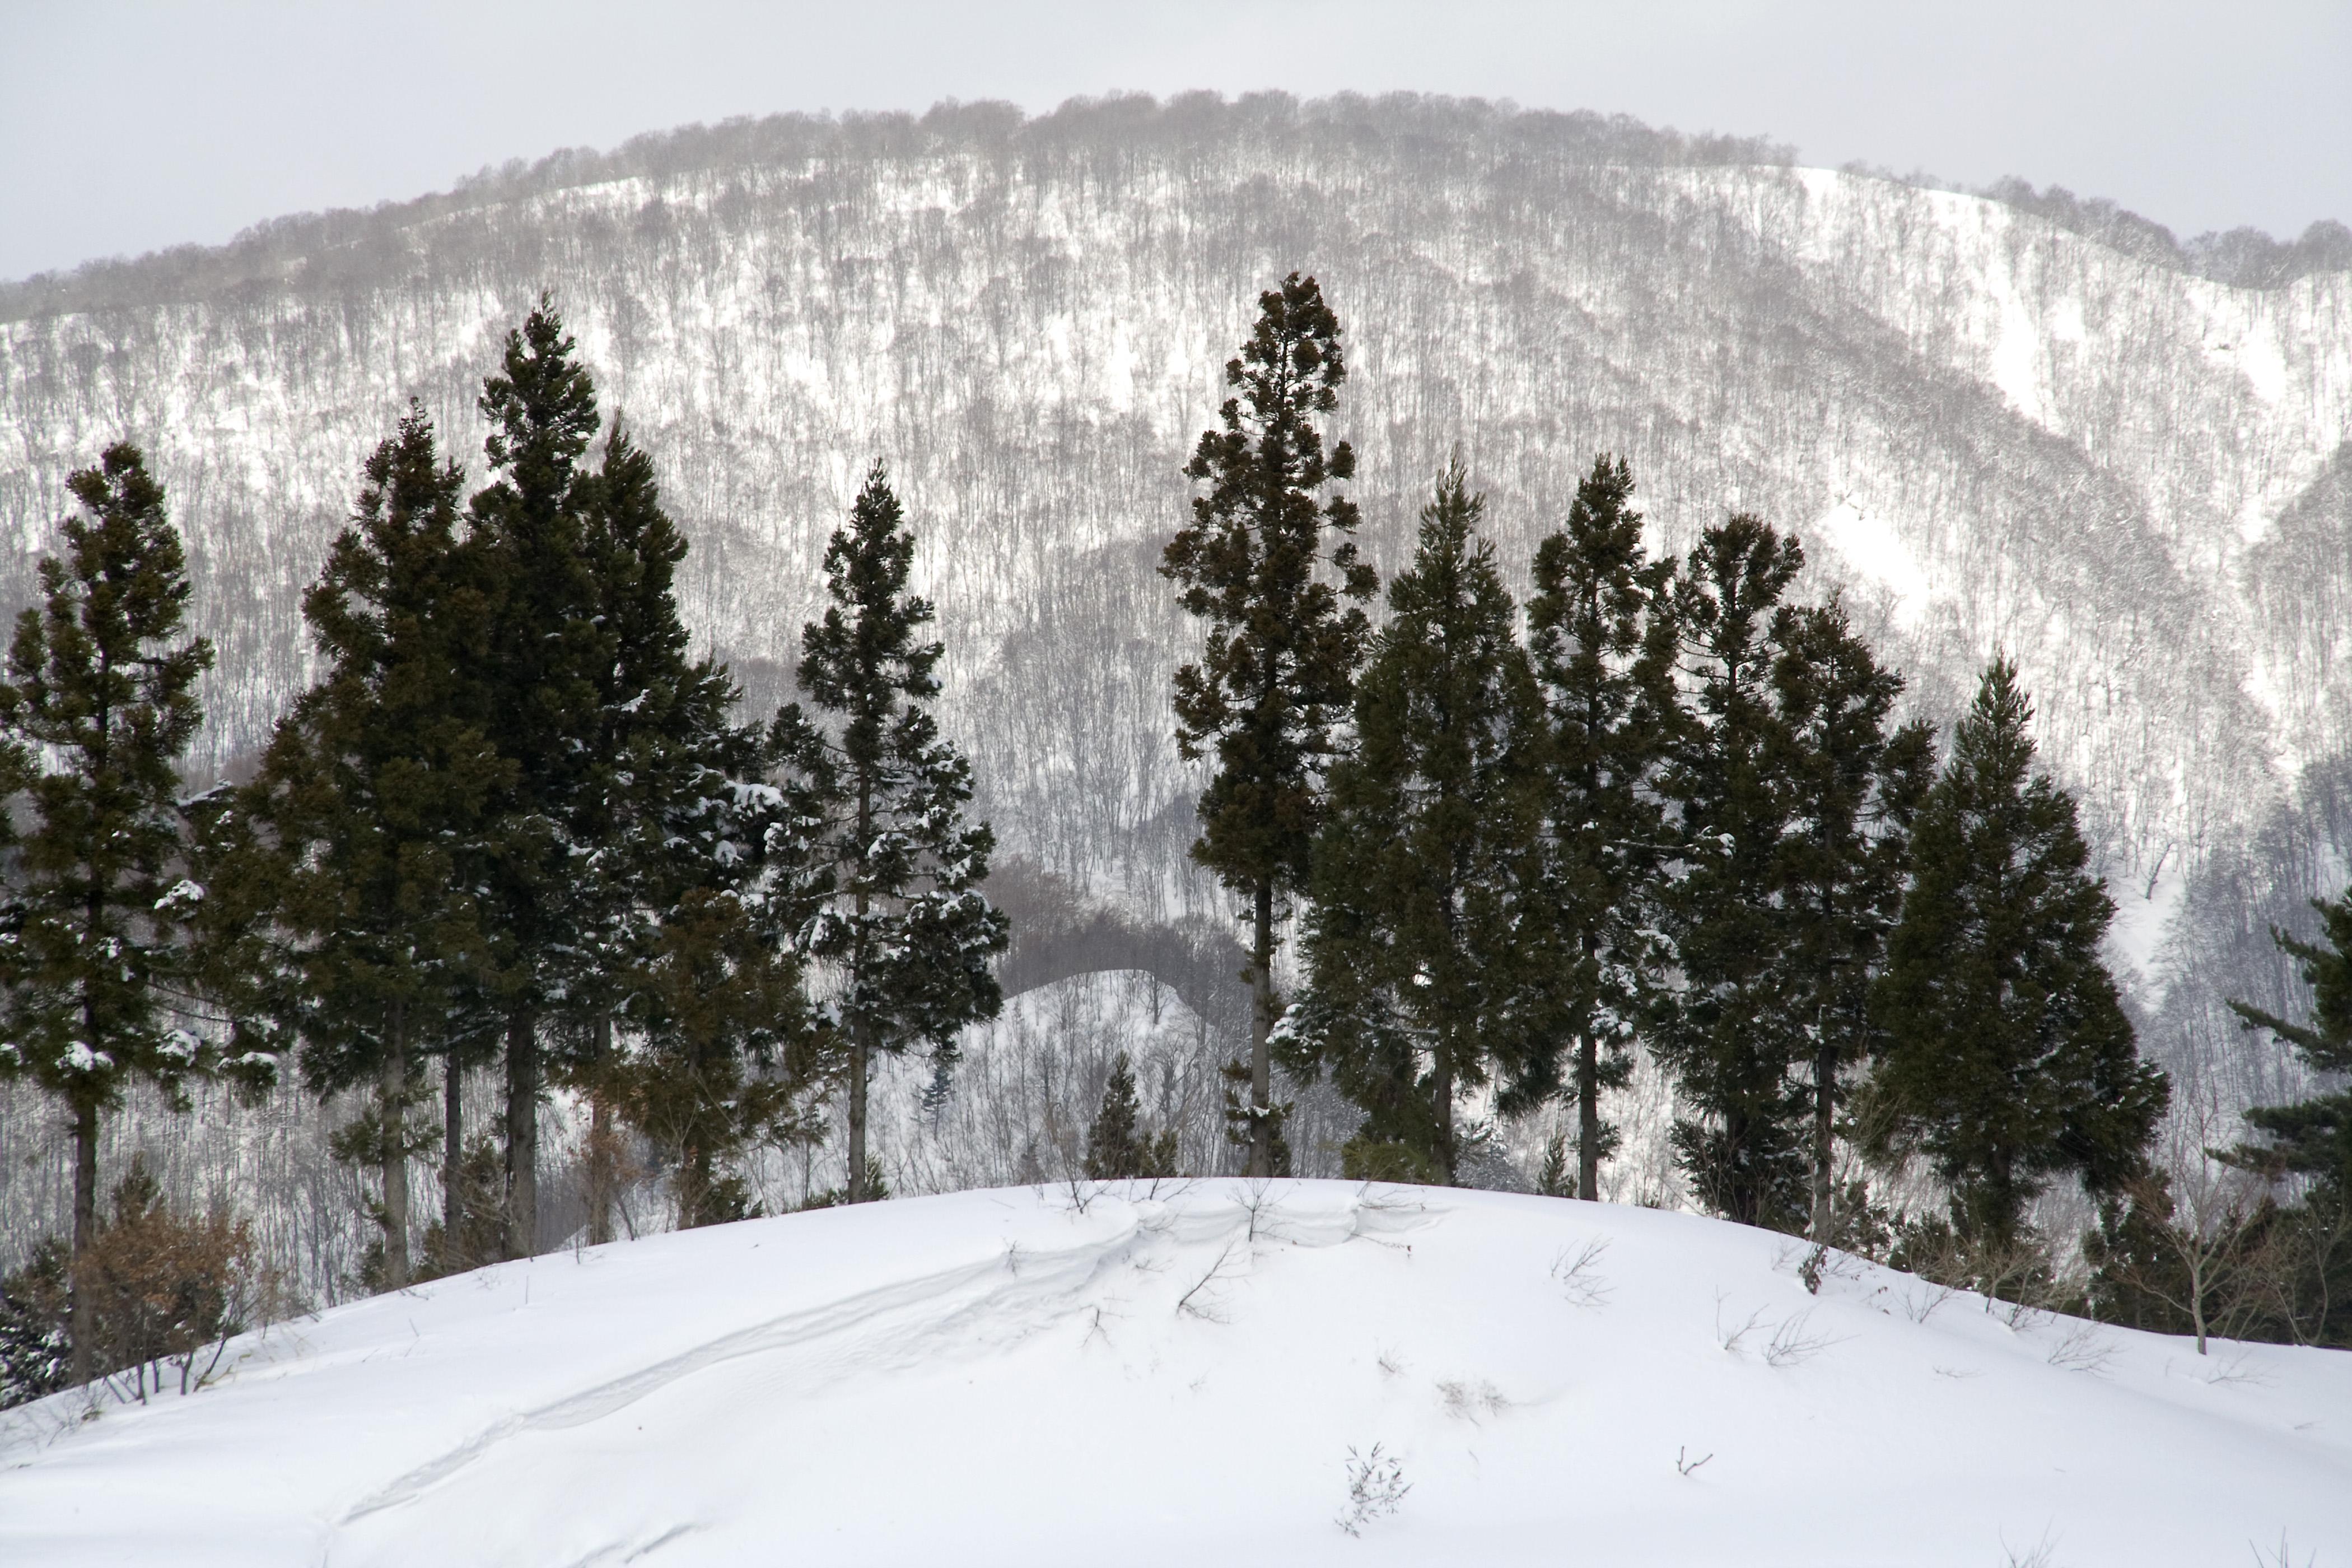 九州のおすすめスキー場は?子供や初心者も楽しめる人気のゲレンデ情報!